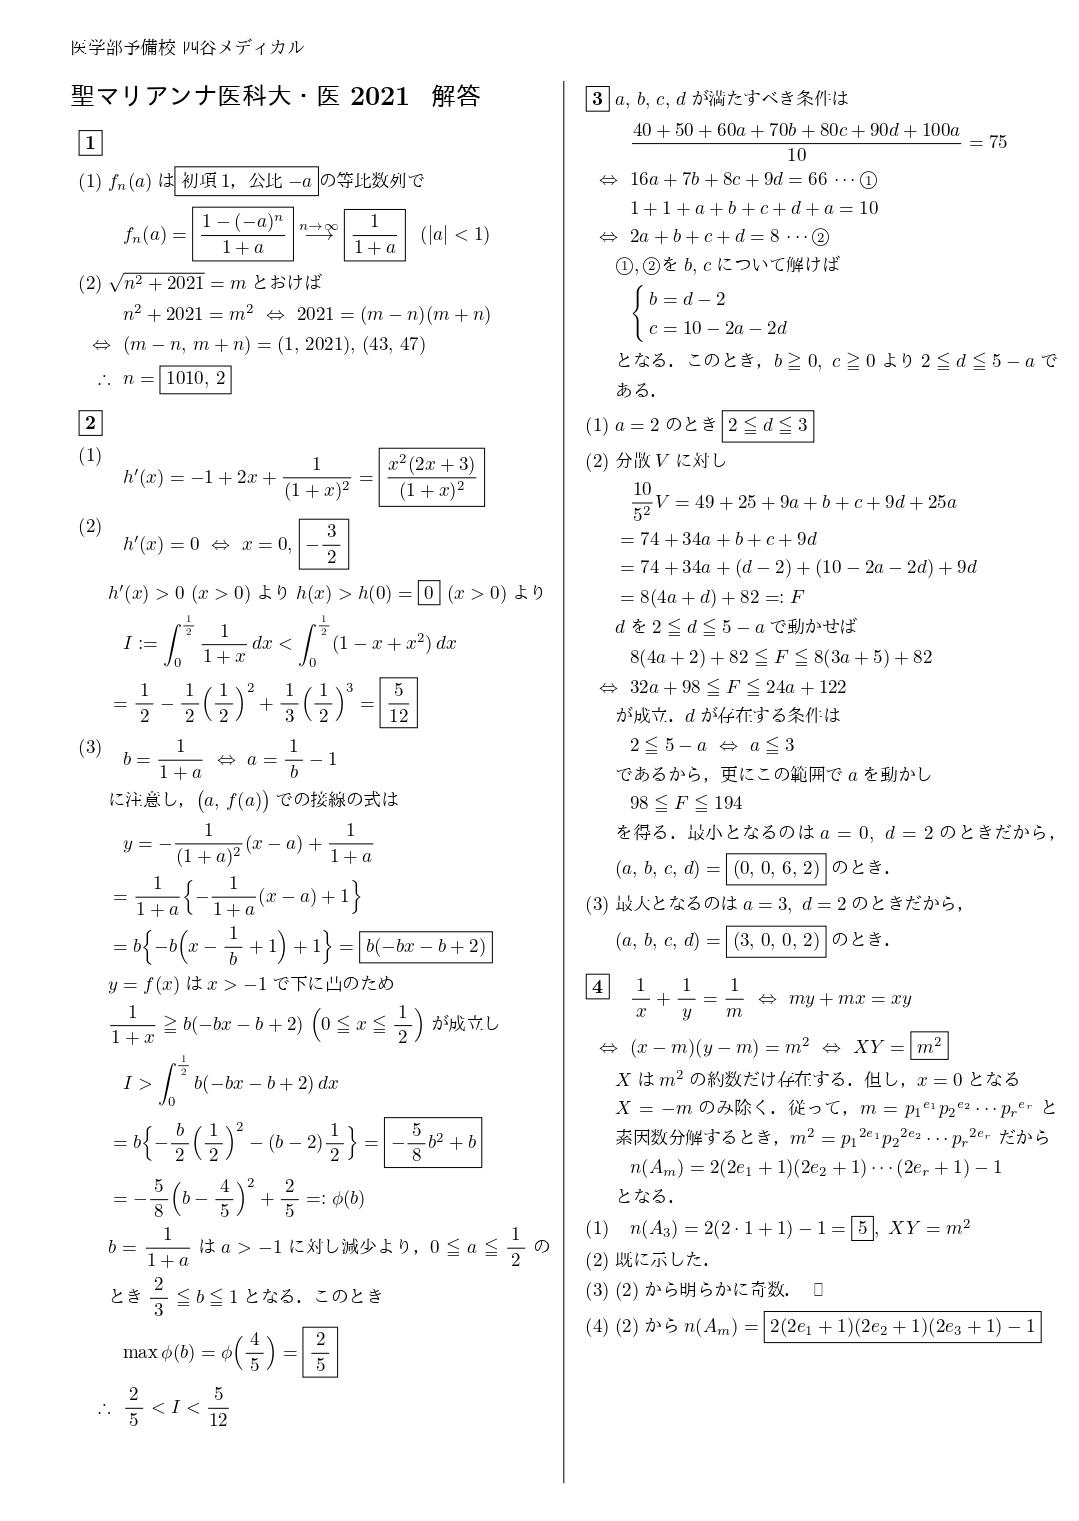 2021年1月25日 聖マリアンナ医科大学(数学) 解答速報